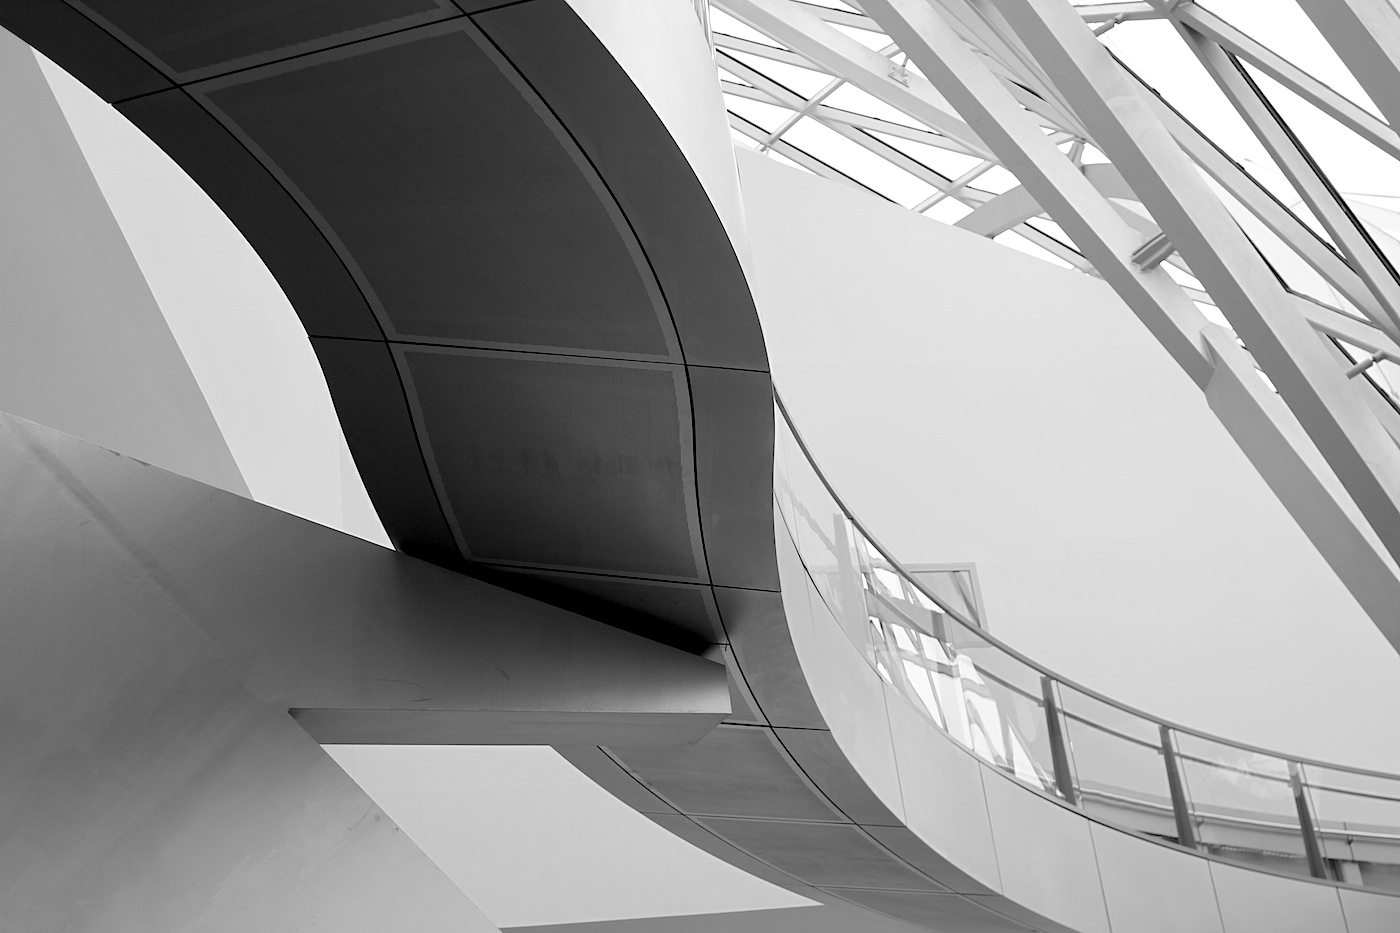 Fließend.  Das Foyer mit dem Kristall ist ein natürlich belüfteter Raum. Die Zuluft erfolgt über verglaste Lüftungsklappen, die sich in der Ostfassade befinden, die Abluft erfolgt über die Dachzone. Der Einsatz einer herkömmlichen Klimaanlage ist deshalb nicht notwendig.